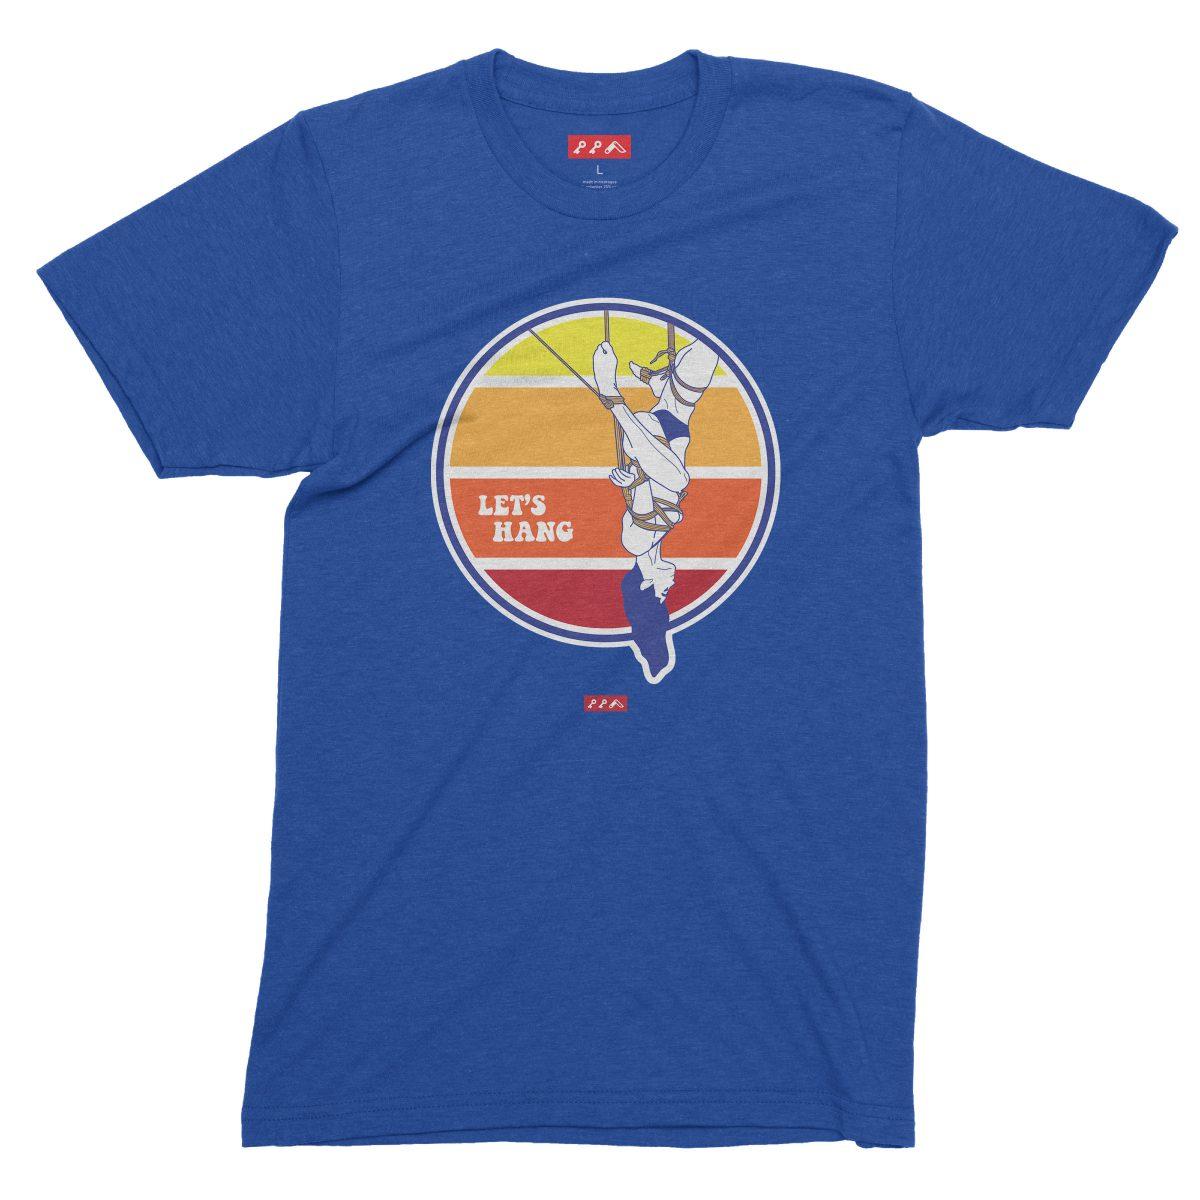 LET'S HANG shibari bondage shirt in dodger blue tri-blend